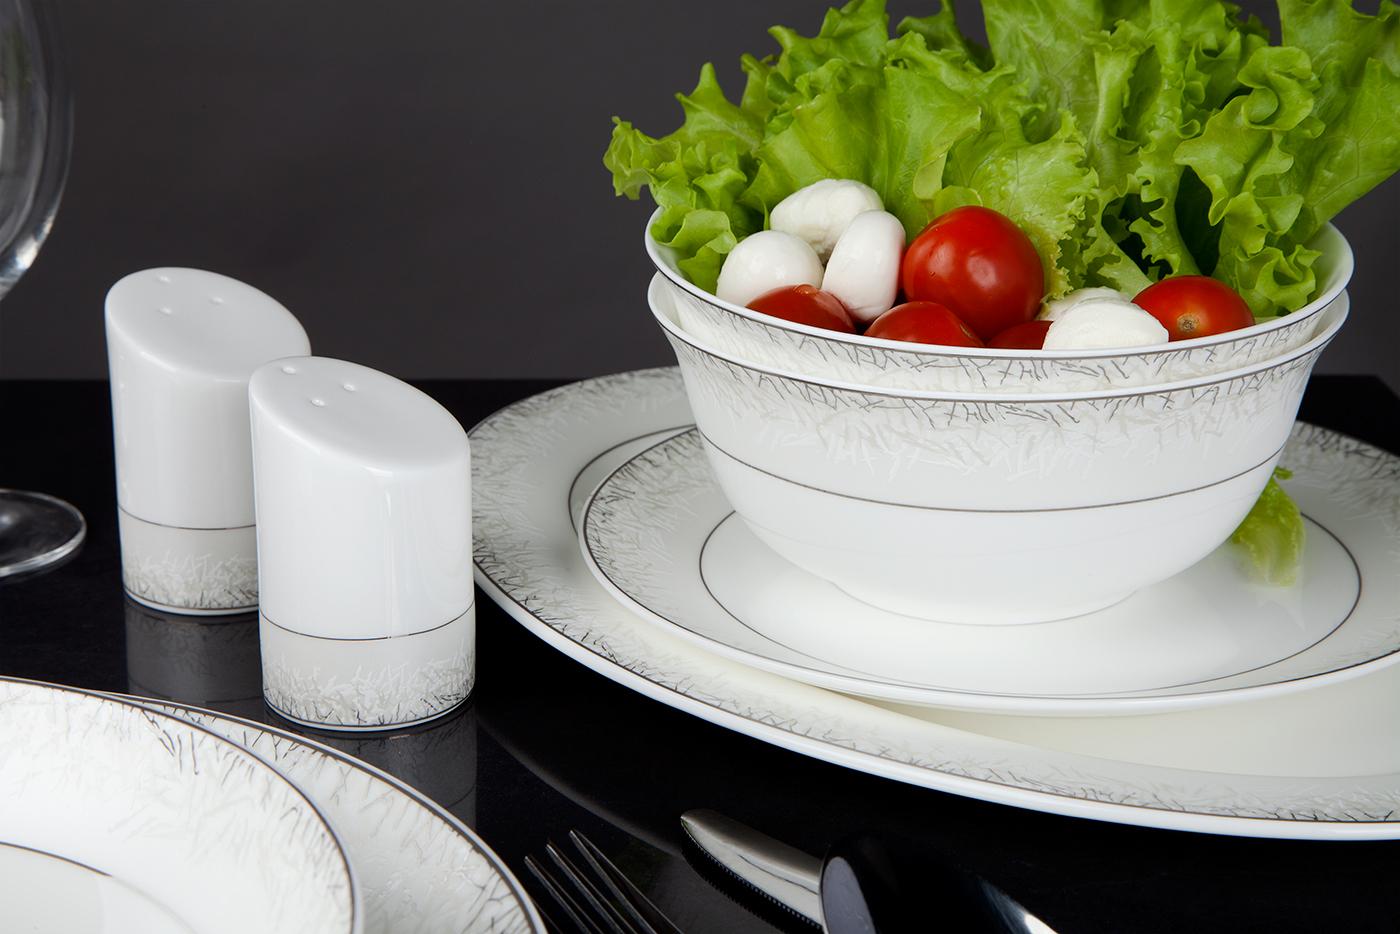 Столовый сервиз Royal Aurel Иней на 27 предметов арт. 310Столовые сервизы<br>Столовый сервиз Royal Aurel Иней арт.310, 27 предметов<br><br><br><br><br><br><br><br><br><br><br><br>Тарелка плоская 25,5 см, 6 шт.<br>Тарелка плоская 20 см, 6 шт.<br>Тарелка суповая 19,5 см, 6 шт.<br>Салатник 15 см, 6 шт.<br><br><br><br><br><br><br><br><br>Блюдо овальное 31 см<br>Солонка и перечница<br><br><br><br><br><br><br><br>Производить посуду из фарфора начали в Китае на стыке 6-7 веков. Неустанно совершенствуя и селективно отбирая сырье для производства посуды из фарфора, мастерам удалось добиться выдающихся характеристик фарфора: белизны и тонкостенности. В XV веке появился особый интерес к китайской фарфоровой посуде, так как в это время Европе возникла мода на самобытные китайские вещи. Роскошный китайский фарфор являлся изыском и был в новинку, поэтому он выступал в качестве подарка королям, а также знатным людям. Такой дорогой подарок был очень престижен и по праву являлся элитной посудой. Как известно из многочисленных исторических документов, в Европе китайские изделия из фарфора ценились практически как золото. <br>Проверка изделий из костяного фарфора на подлинность <br>По сравнению с производством других видов фарфора процесс производства изделий из настоящего костяного фарфора сложен и весьма длителен. Посуда из изящного фарфора - это элитная посуда, которая всегда ассоциируется с богатством, величием и благородством. Несмотря на небольшую толщину, фарфоровая посуда - это очень прочное изделие. Для демонстрации плотности и прочности фарфора можно легко коснуться предметов посуды из фарфора деревянной палочкой, и тогда мы услушим характерный металлический звон. В составе фарфоровой посуды присутствует костяная зола, благодаря чему она может быть намного тоньше (не более 2,5 мм) и легче твердого или мягкого фарфора. Безупречная белизна - ключевой признак отличия такого фарфора от других. Цвет обычного фарфора сероватый или ближе к голубоватому, а костяной фарфор будет всег